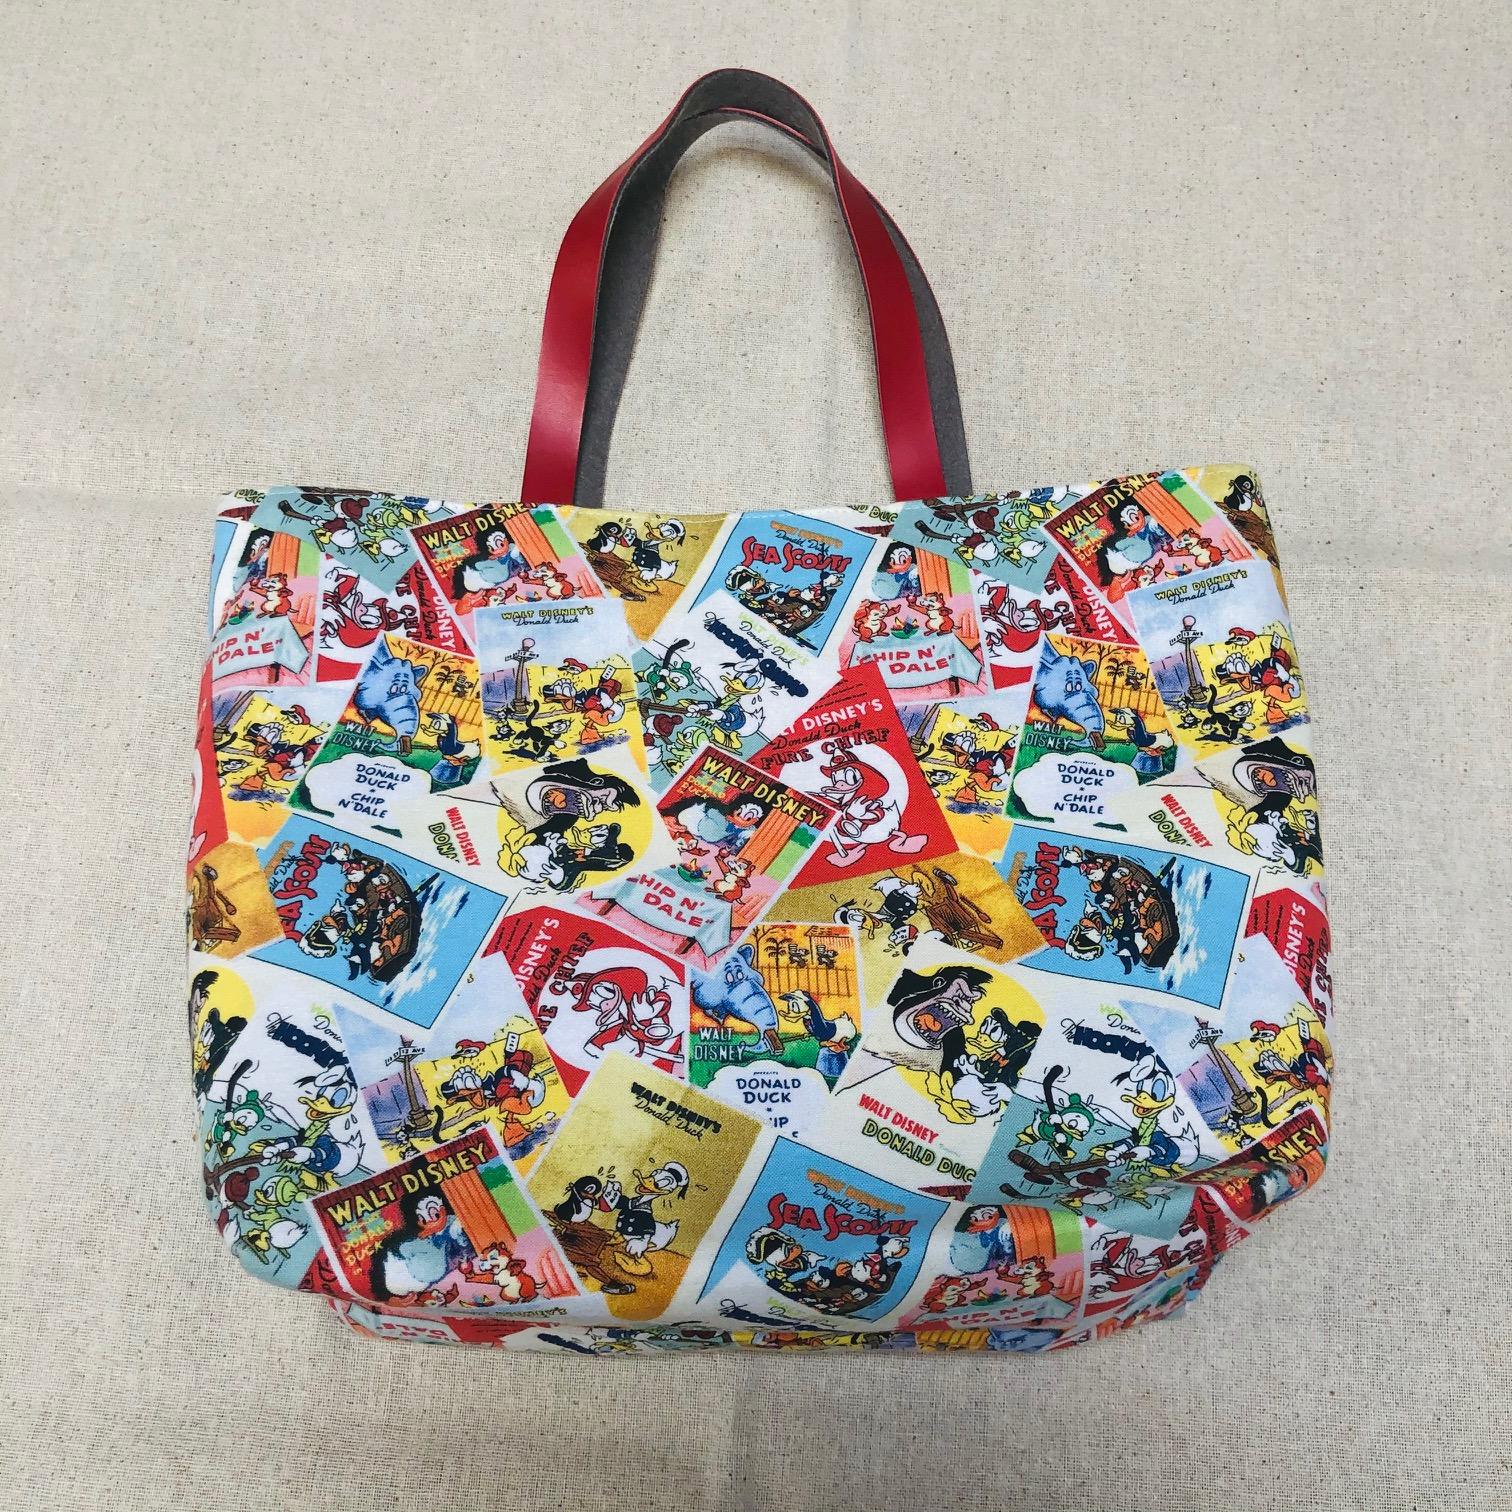 【ディズニー ミニトートバッグのレシピ付き】布セット  (S-015)